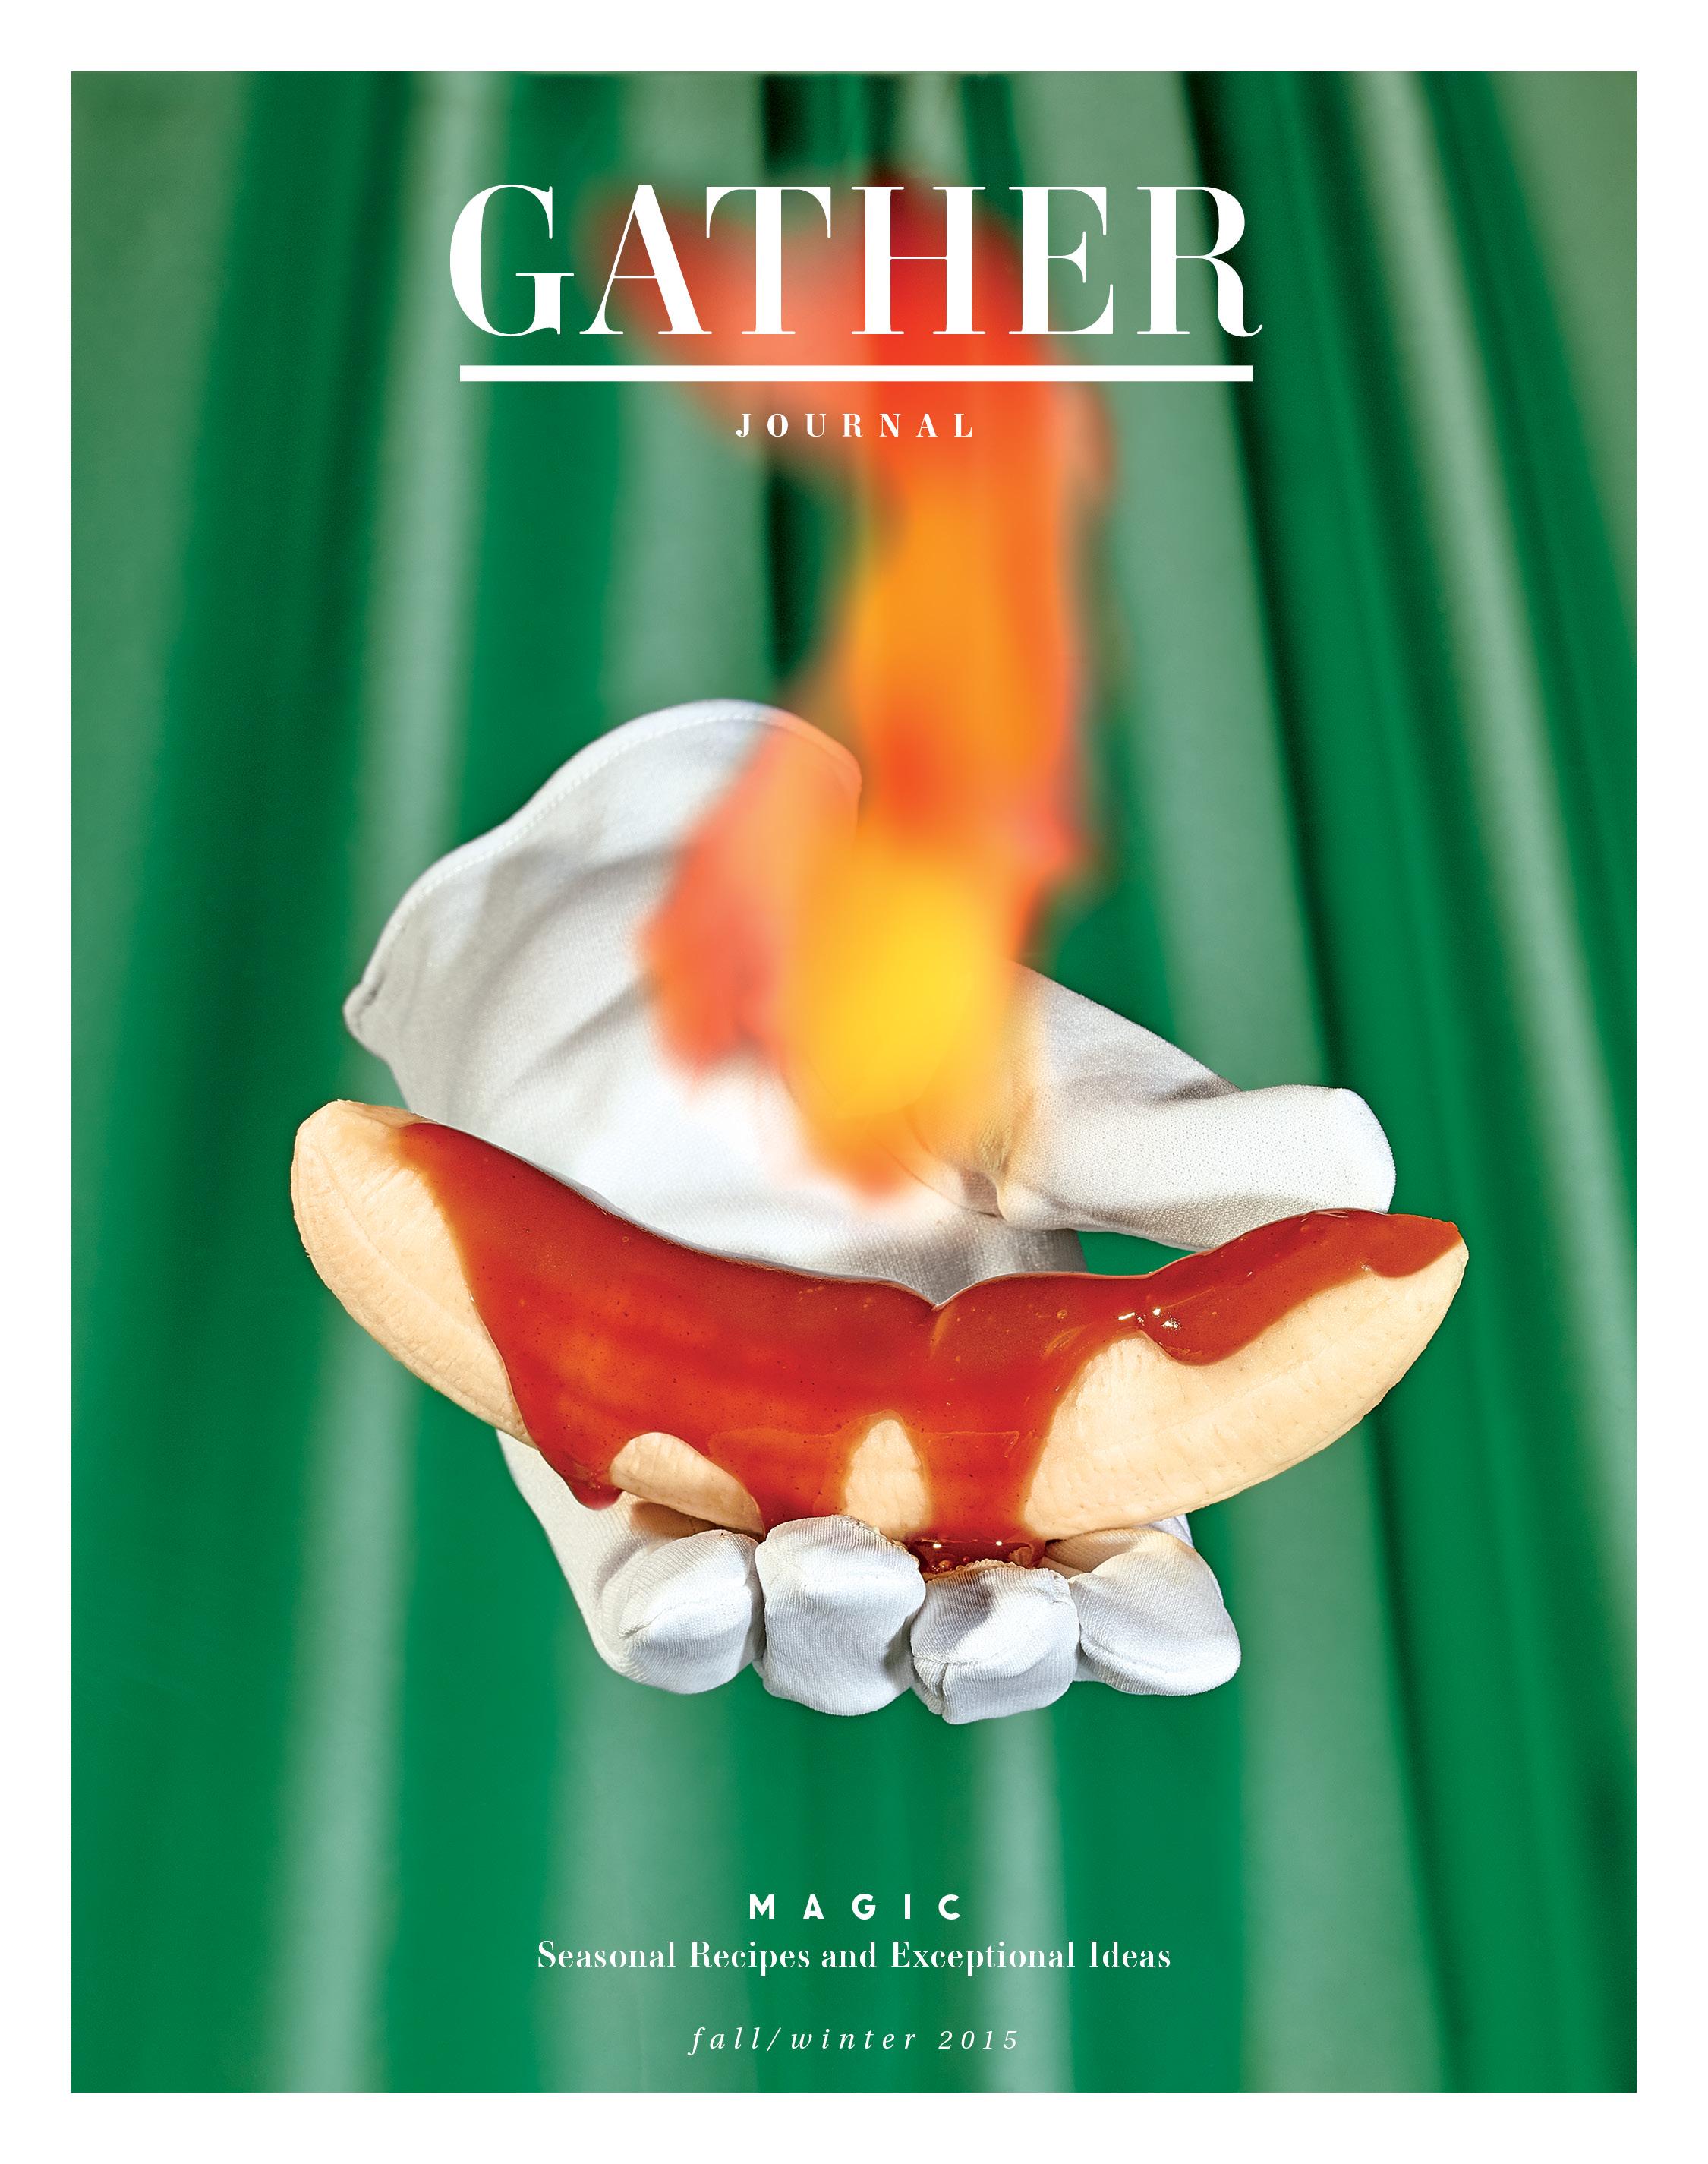 GJ_FW15_COVER_GRANT_CORNETT_HIRES copy.jpg